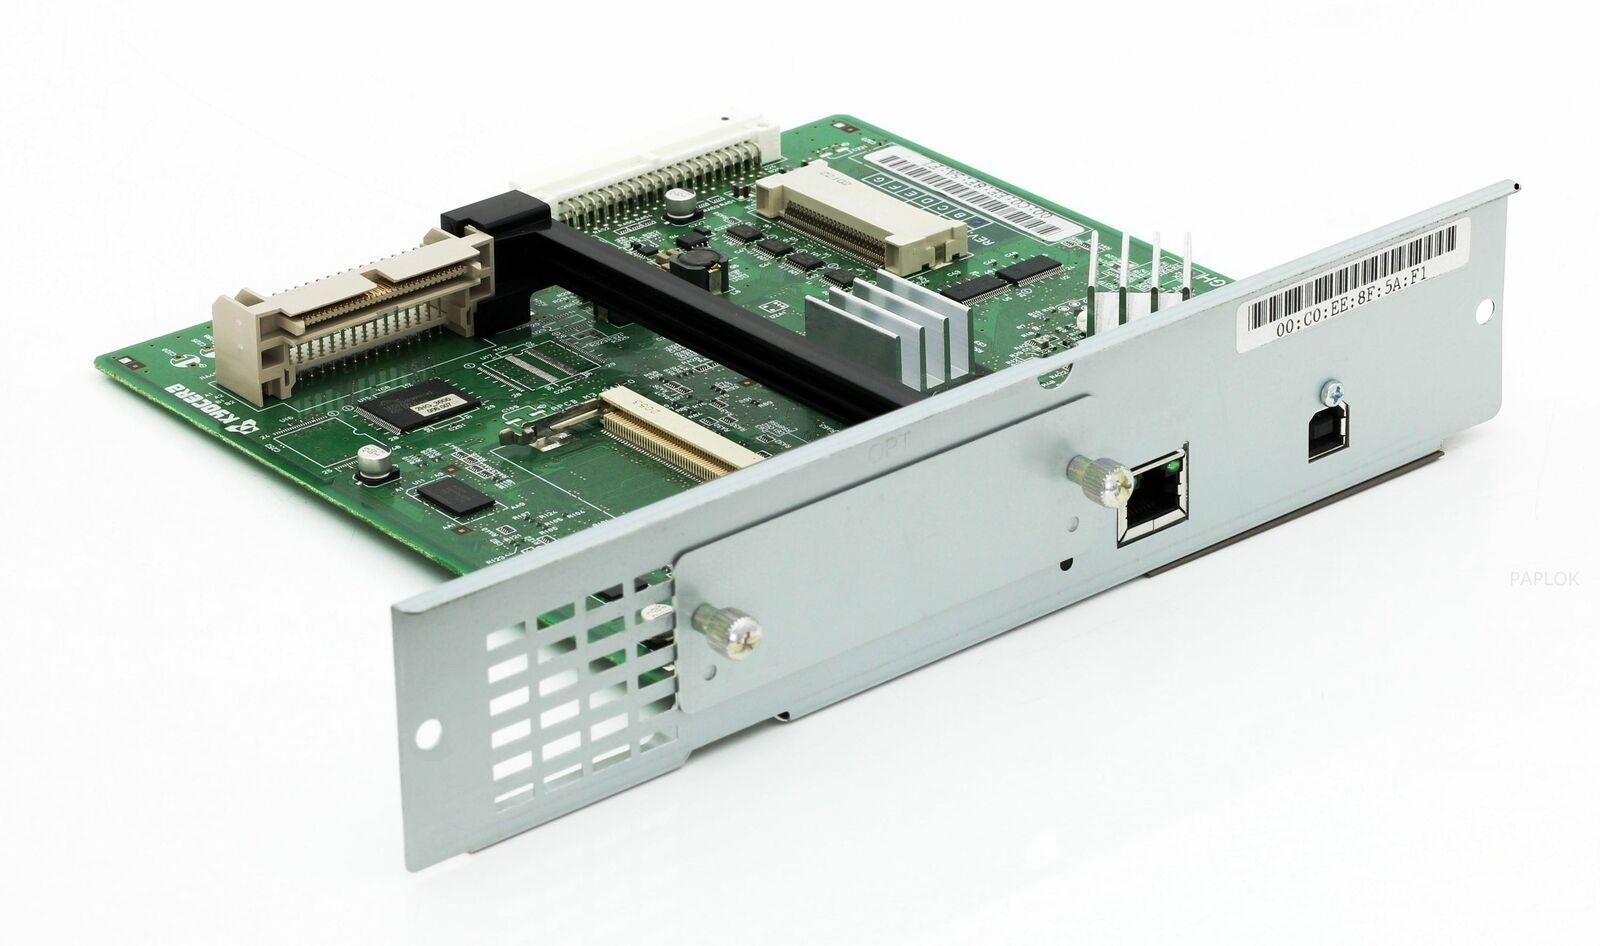 Kyocera formatteur 2hg0111 board 302hg01110 imprimante fs-c5400 c5400n c5400dn